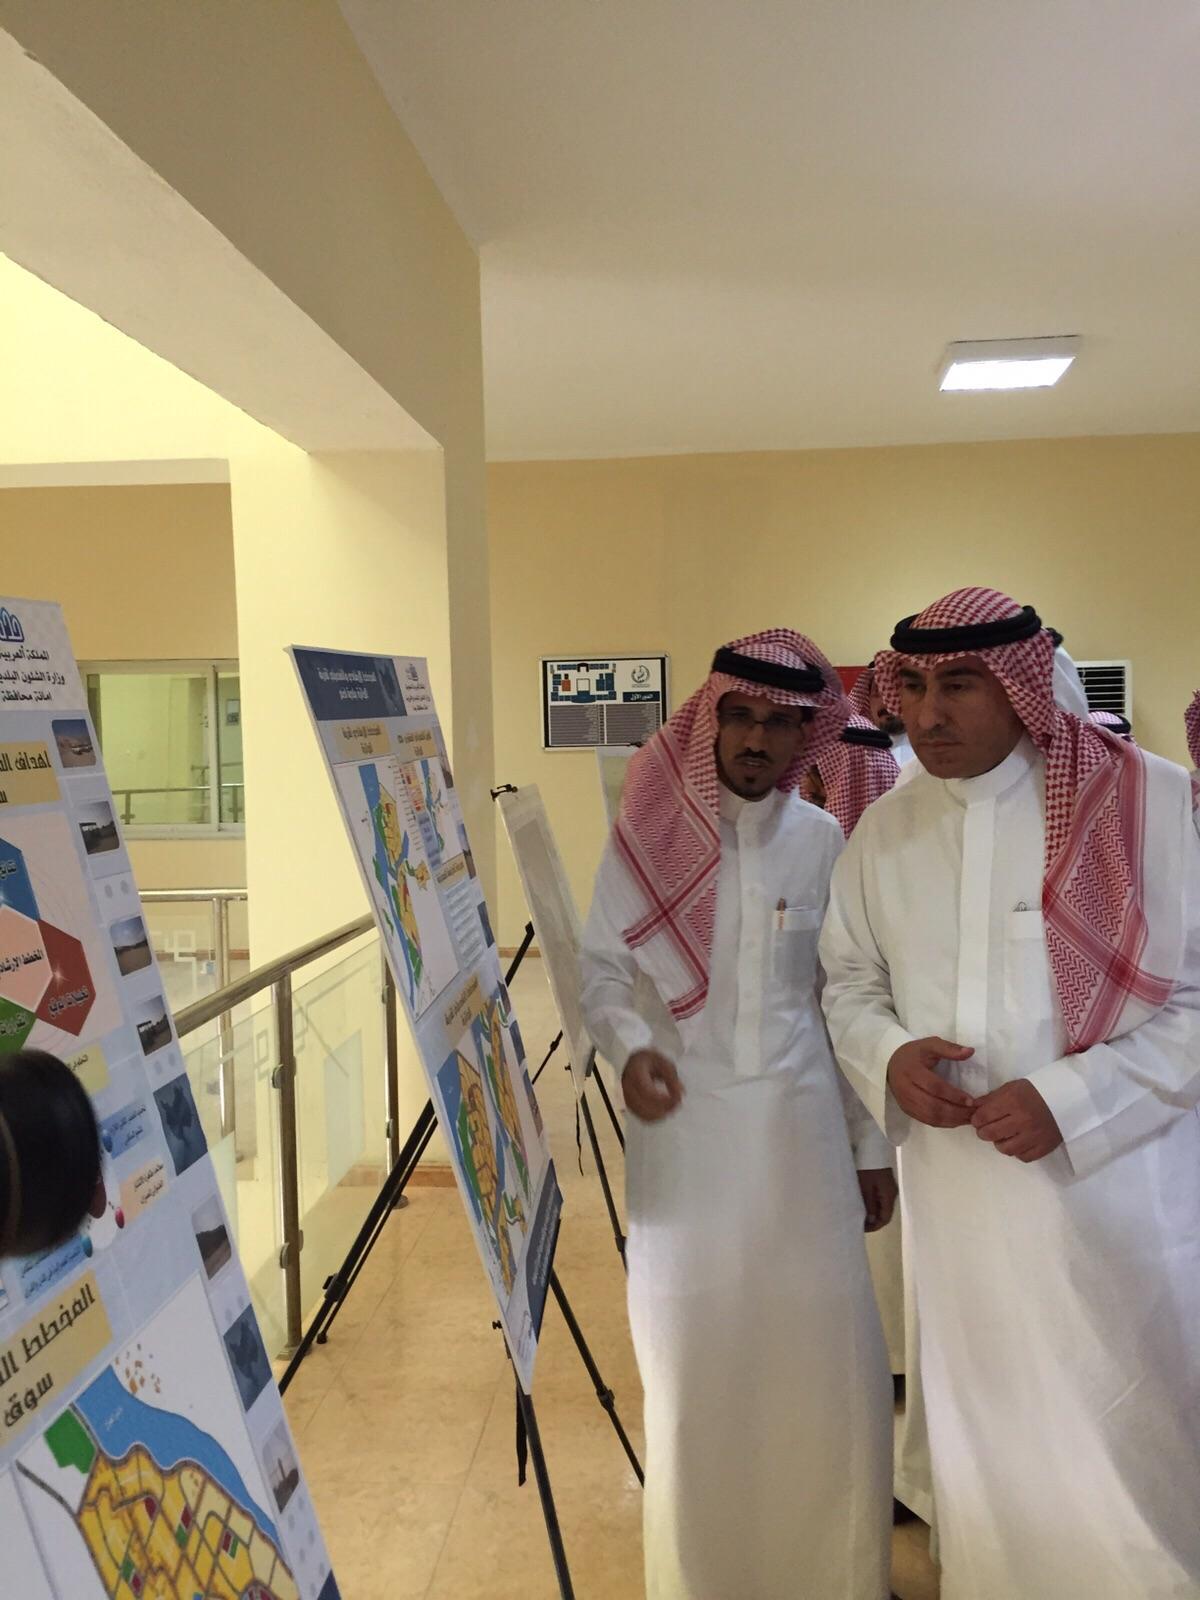 أمين #جدة يفتتح عدة مشاريع بـ #أضم و #المظيلف - المواطن